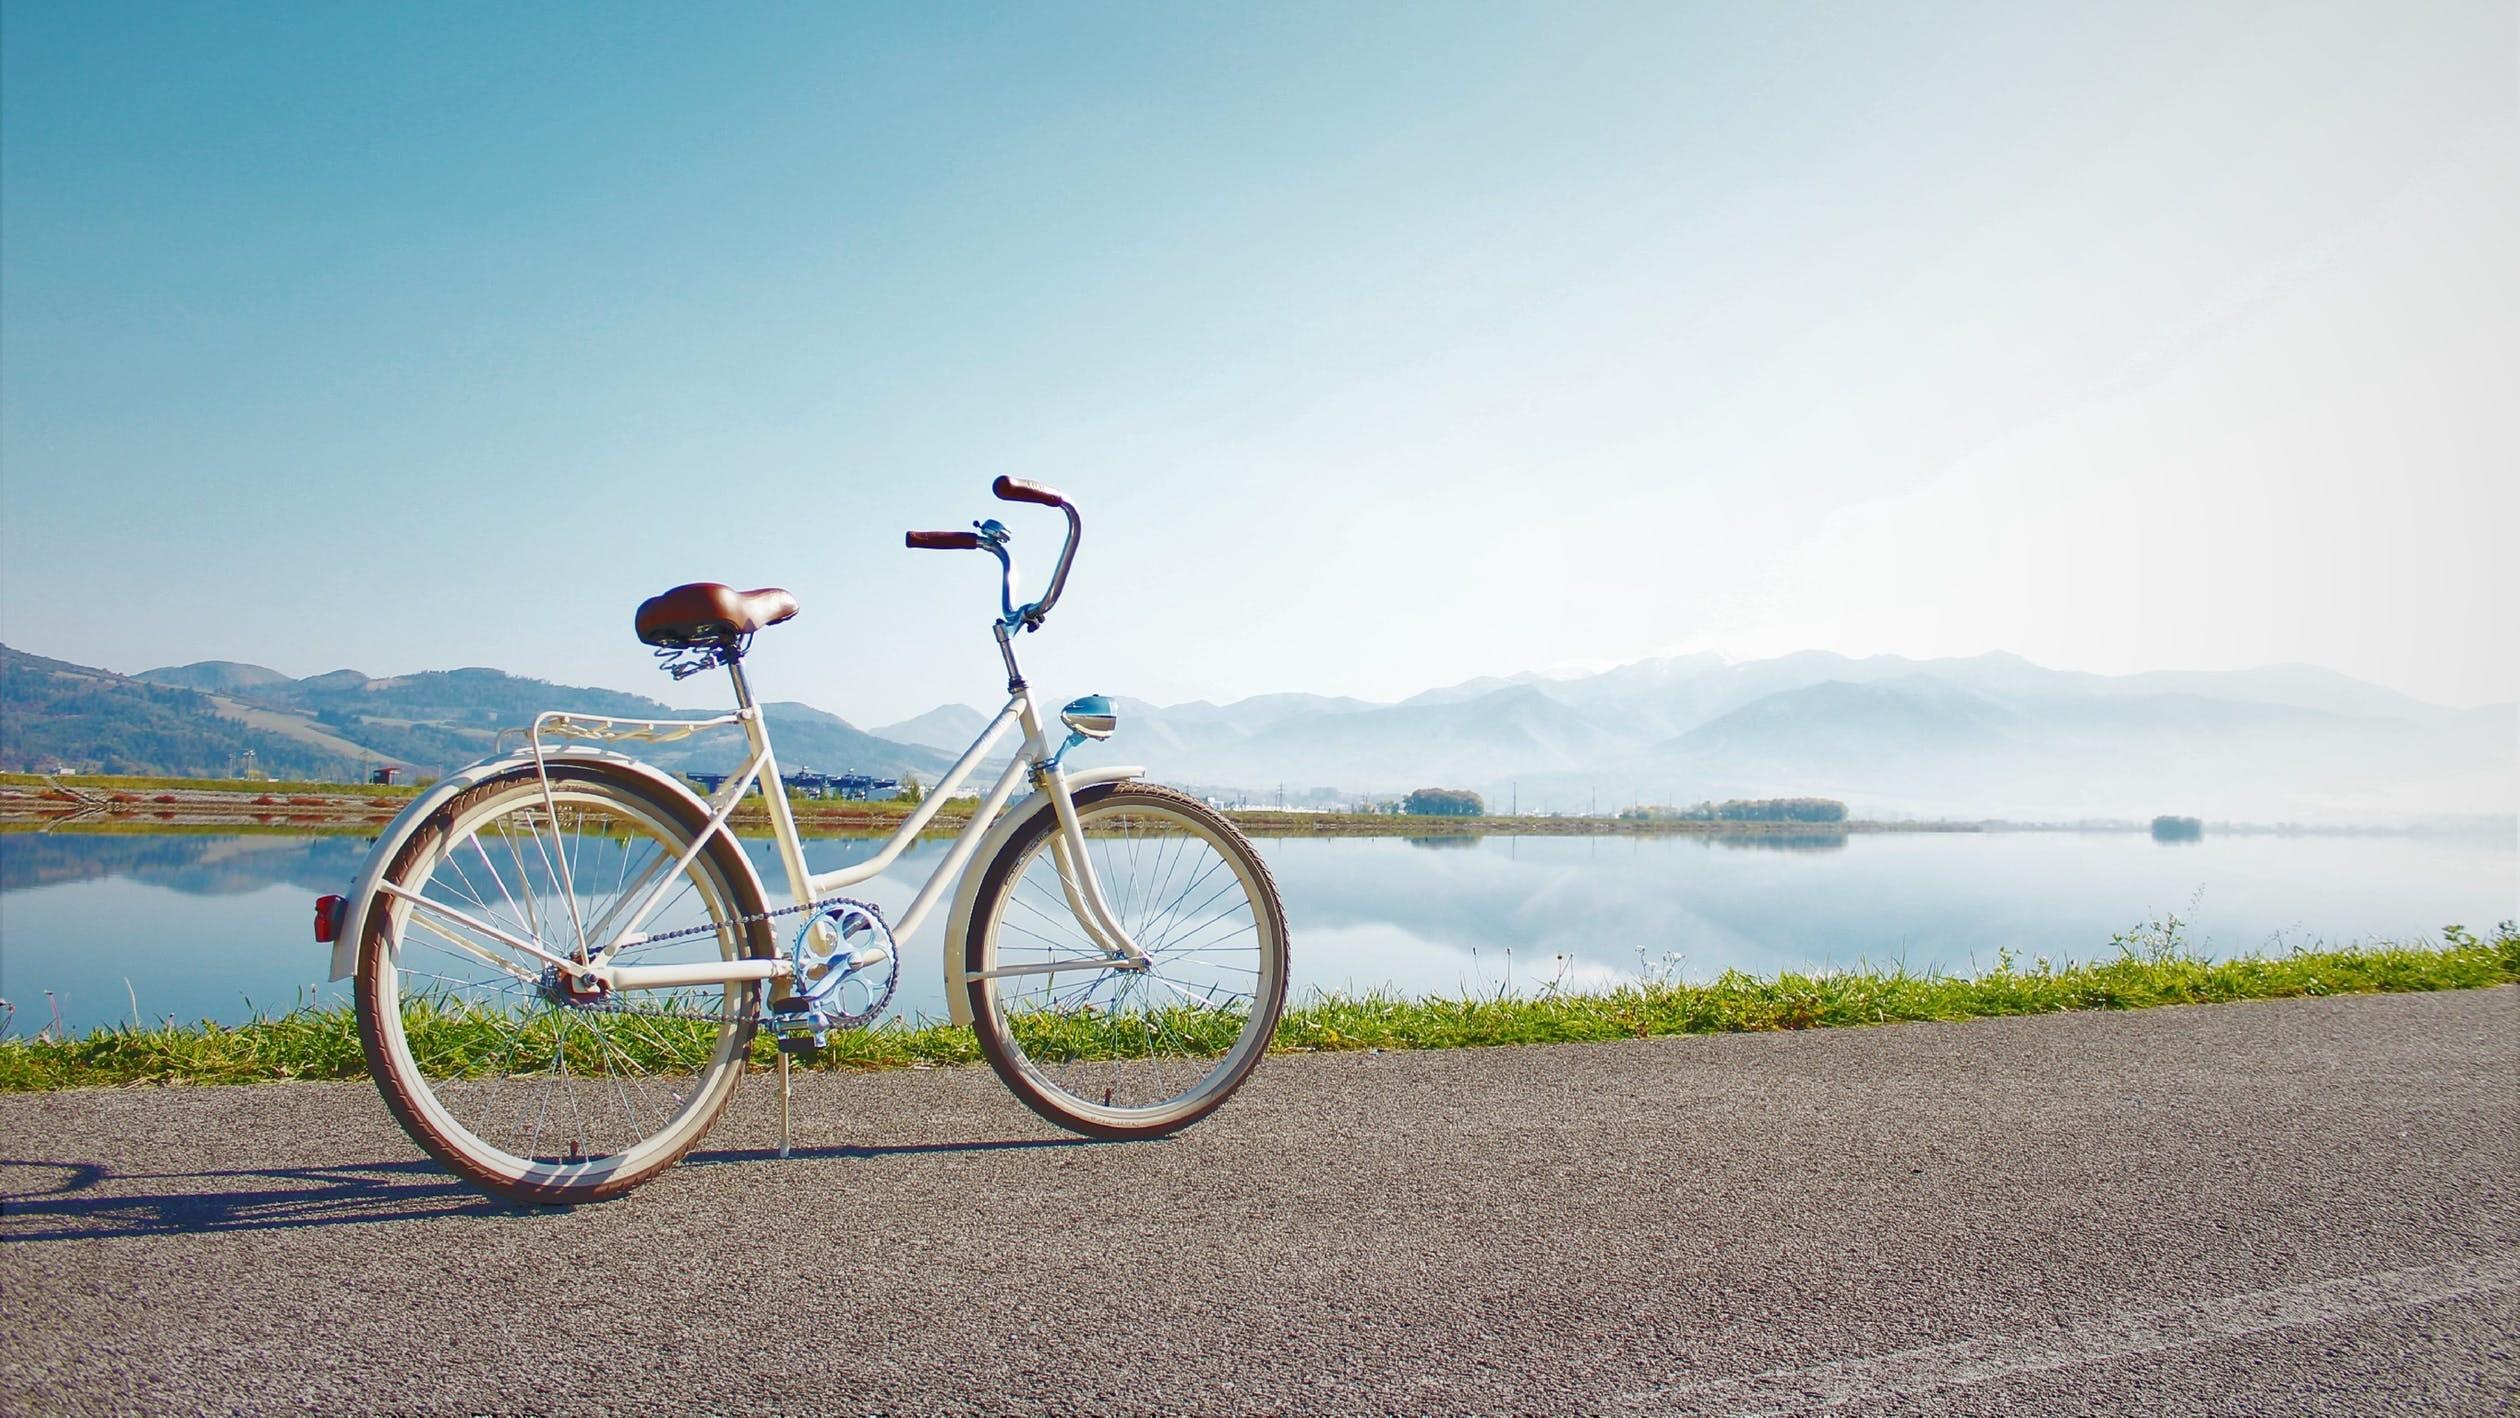 campioni-mobilita-sostenibile